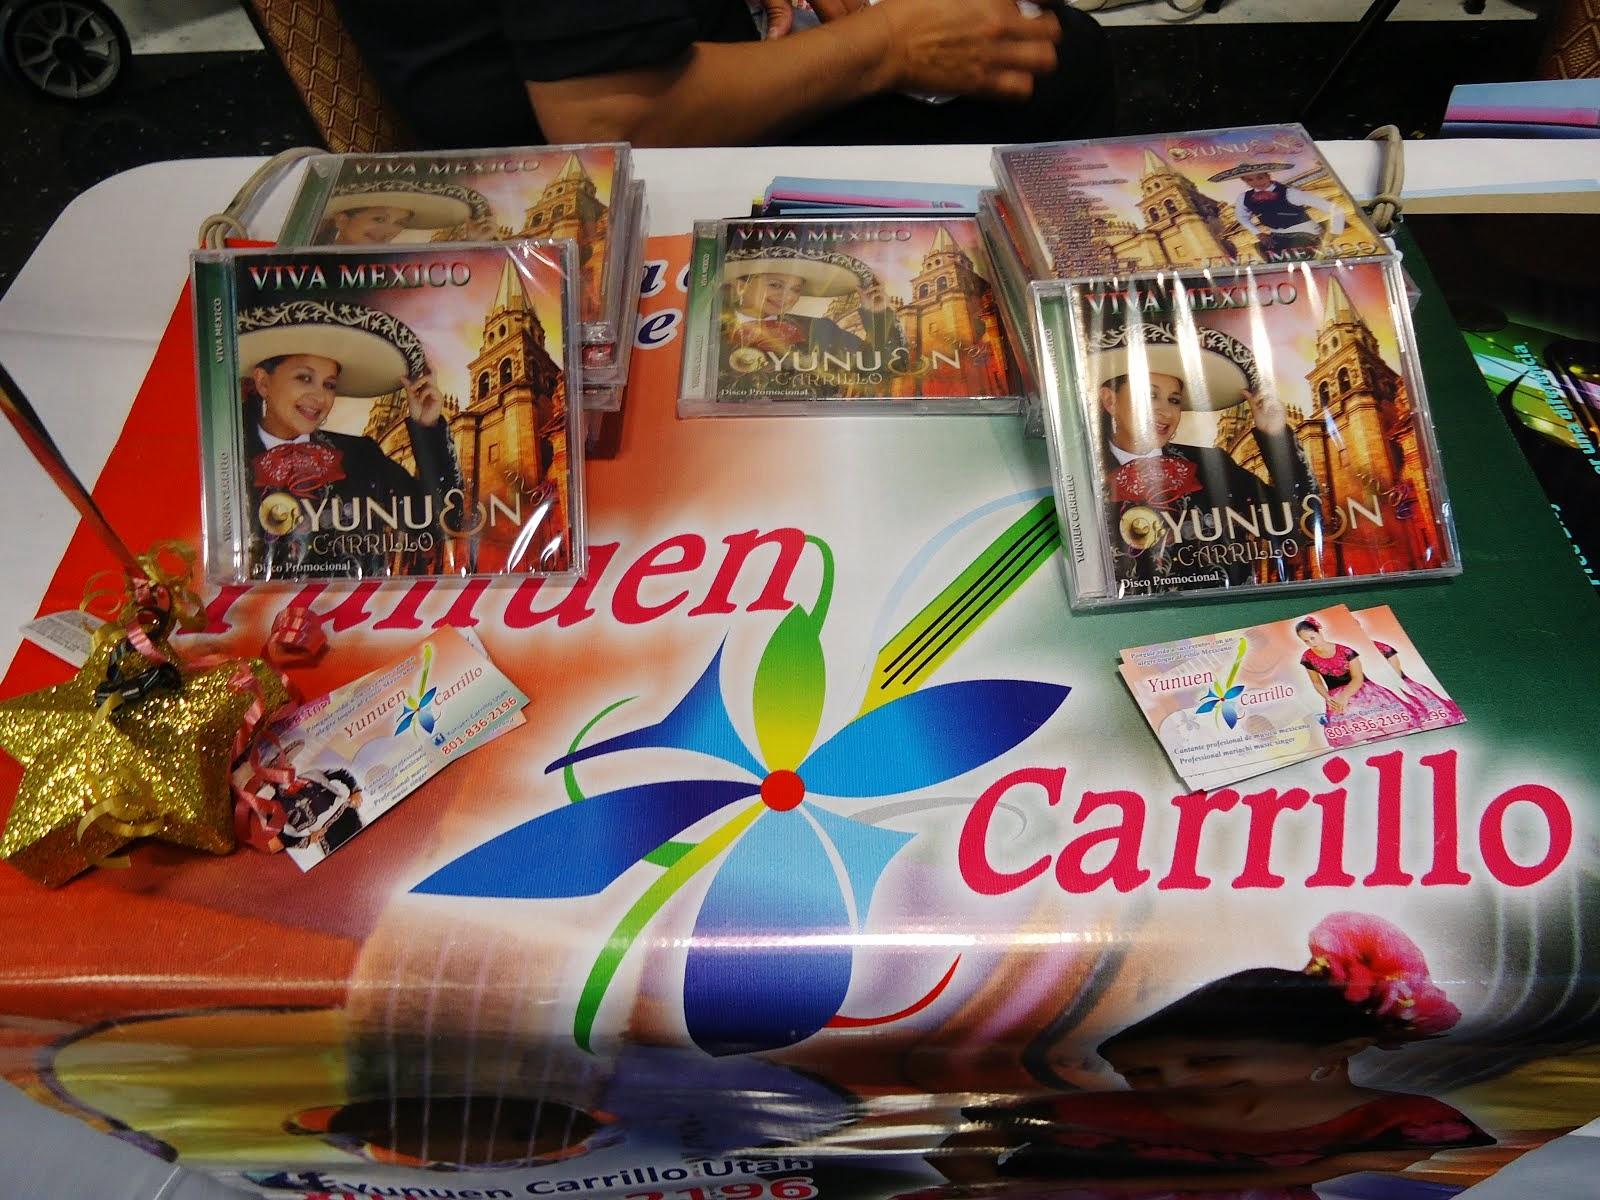 Yunuen Carrillos's CD